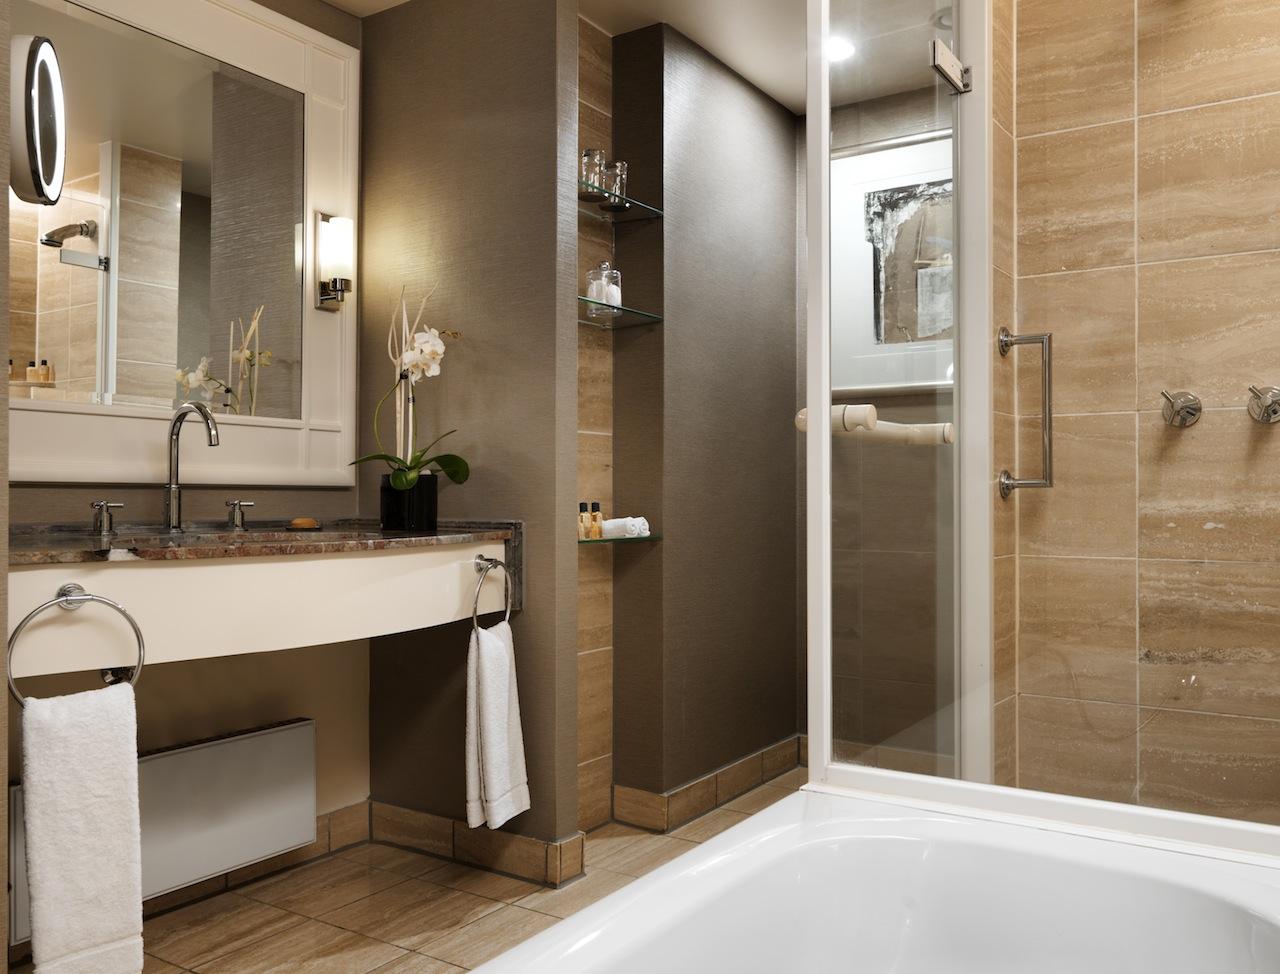 Hyatt Regency Köln Badezimmer aus Marmor / ©Hyatt Regency Köln